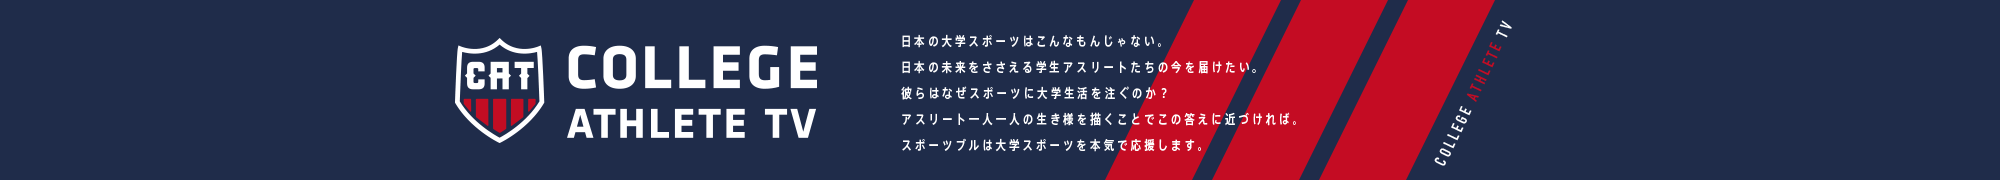 <写真・2回戦で勝利を挙げた箱島> 5月26日、兵庫県・ベイコム総合体育館にて第69回関西学生柔道優勝大会が行われた。ベスト8以上が全国大会出場権を手にする今大会。初戦は、京大と対…